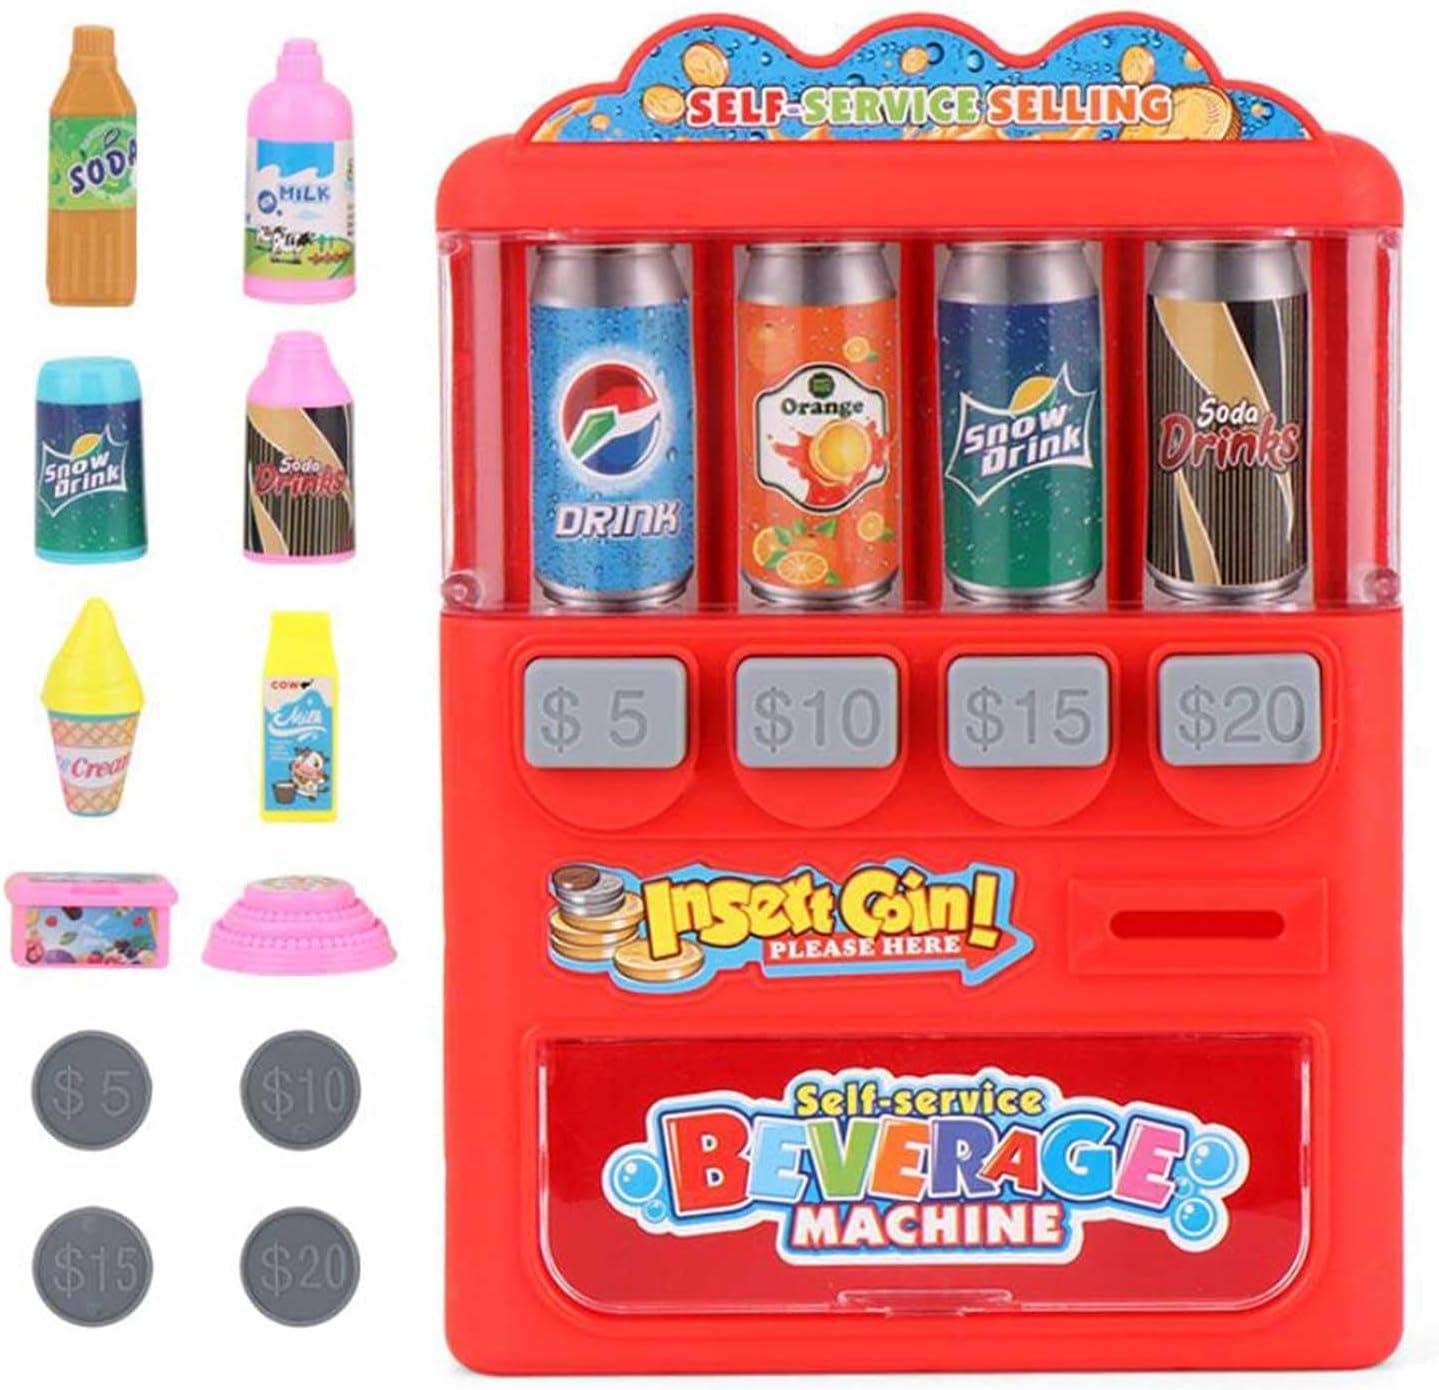 Máquina Expendedora De Juguetes, Máquina Expendedora De Bebidas Y Monedas Para Niños, Juguetes Educativos Electrónicos De Aprendizaje Interactivo Para Niños, Juego De Simulación Para Cumpleaños De